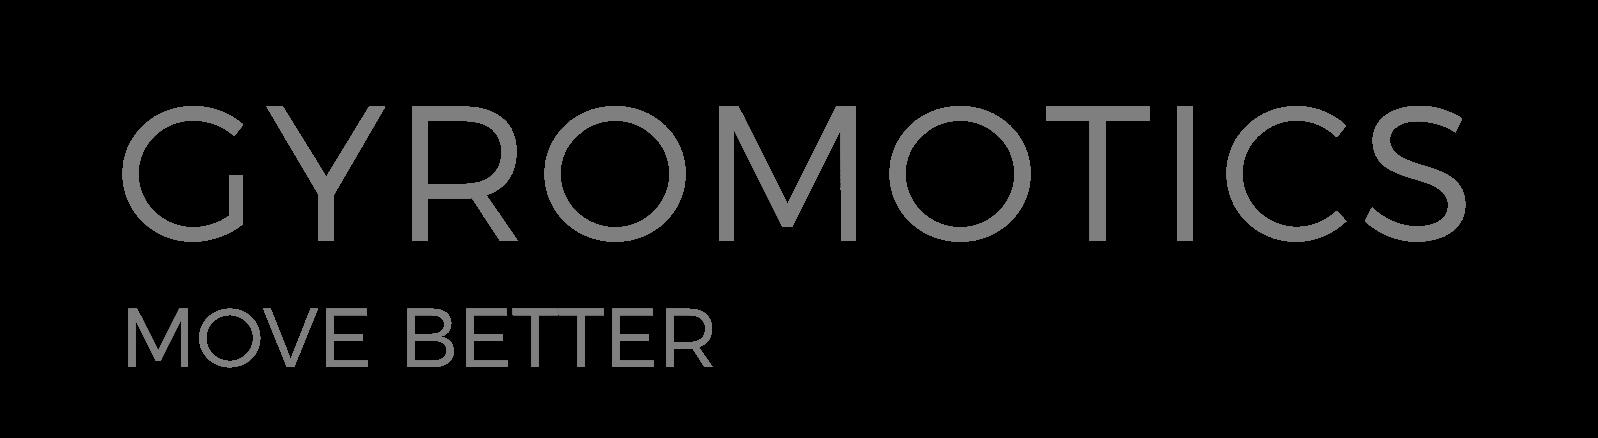 GYROMOTICS